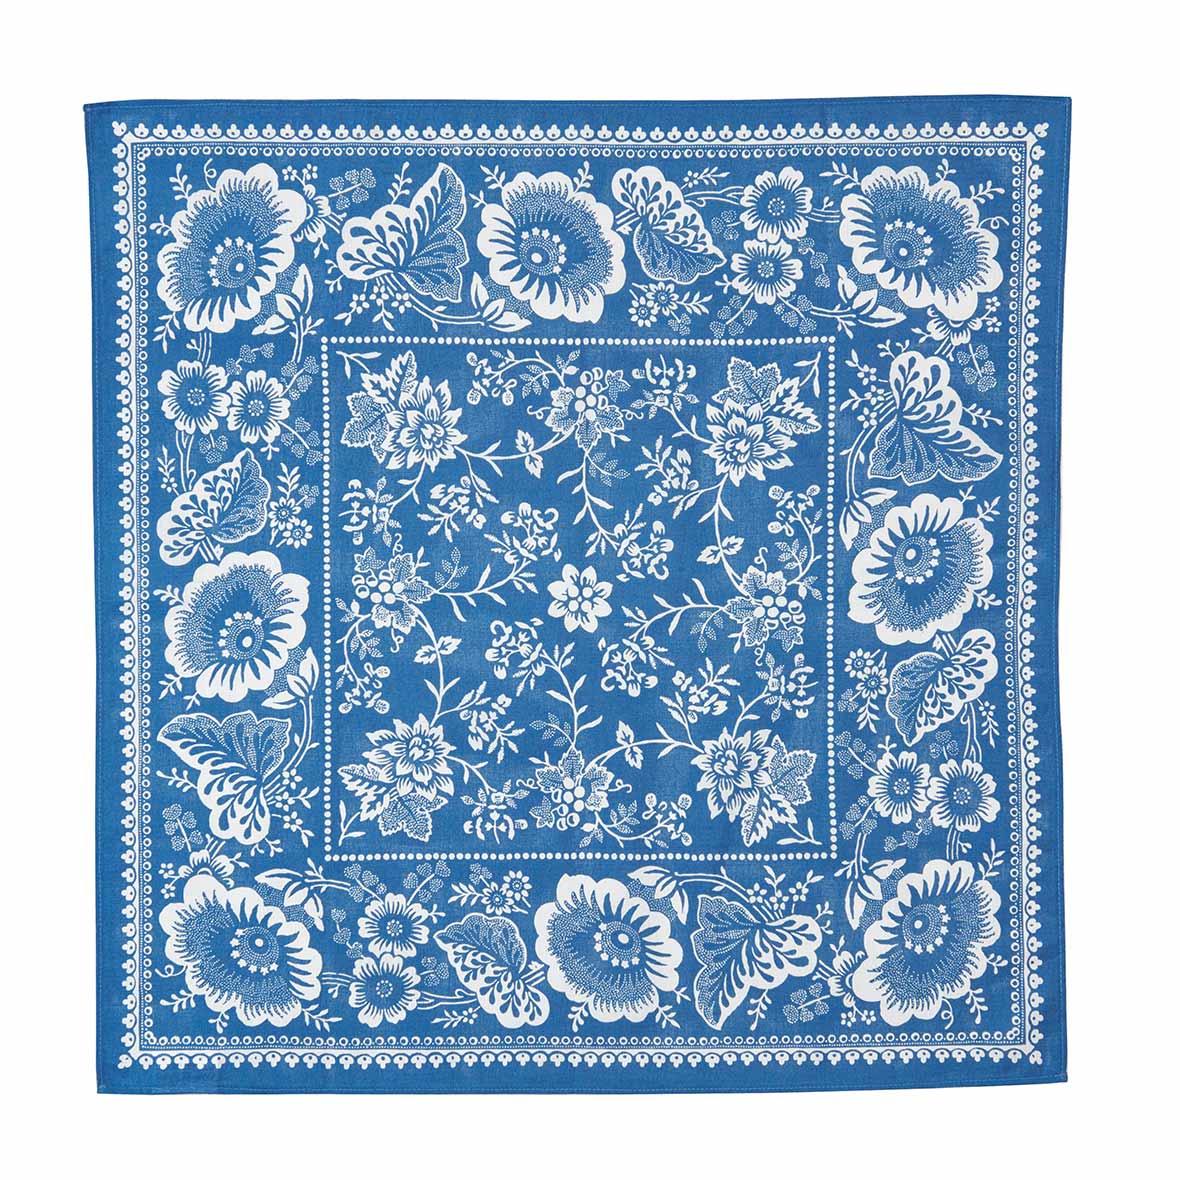 tuechli blau 60 x 60 cm landesmuseum